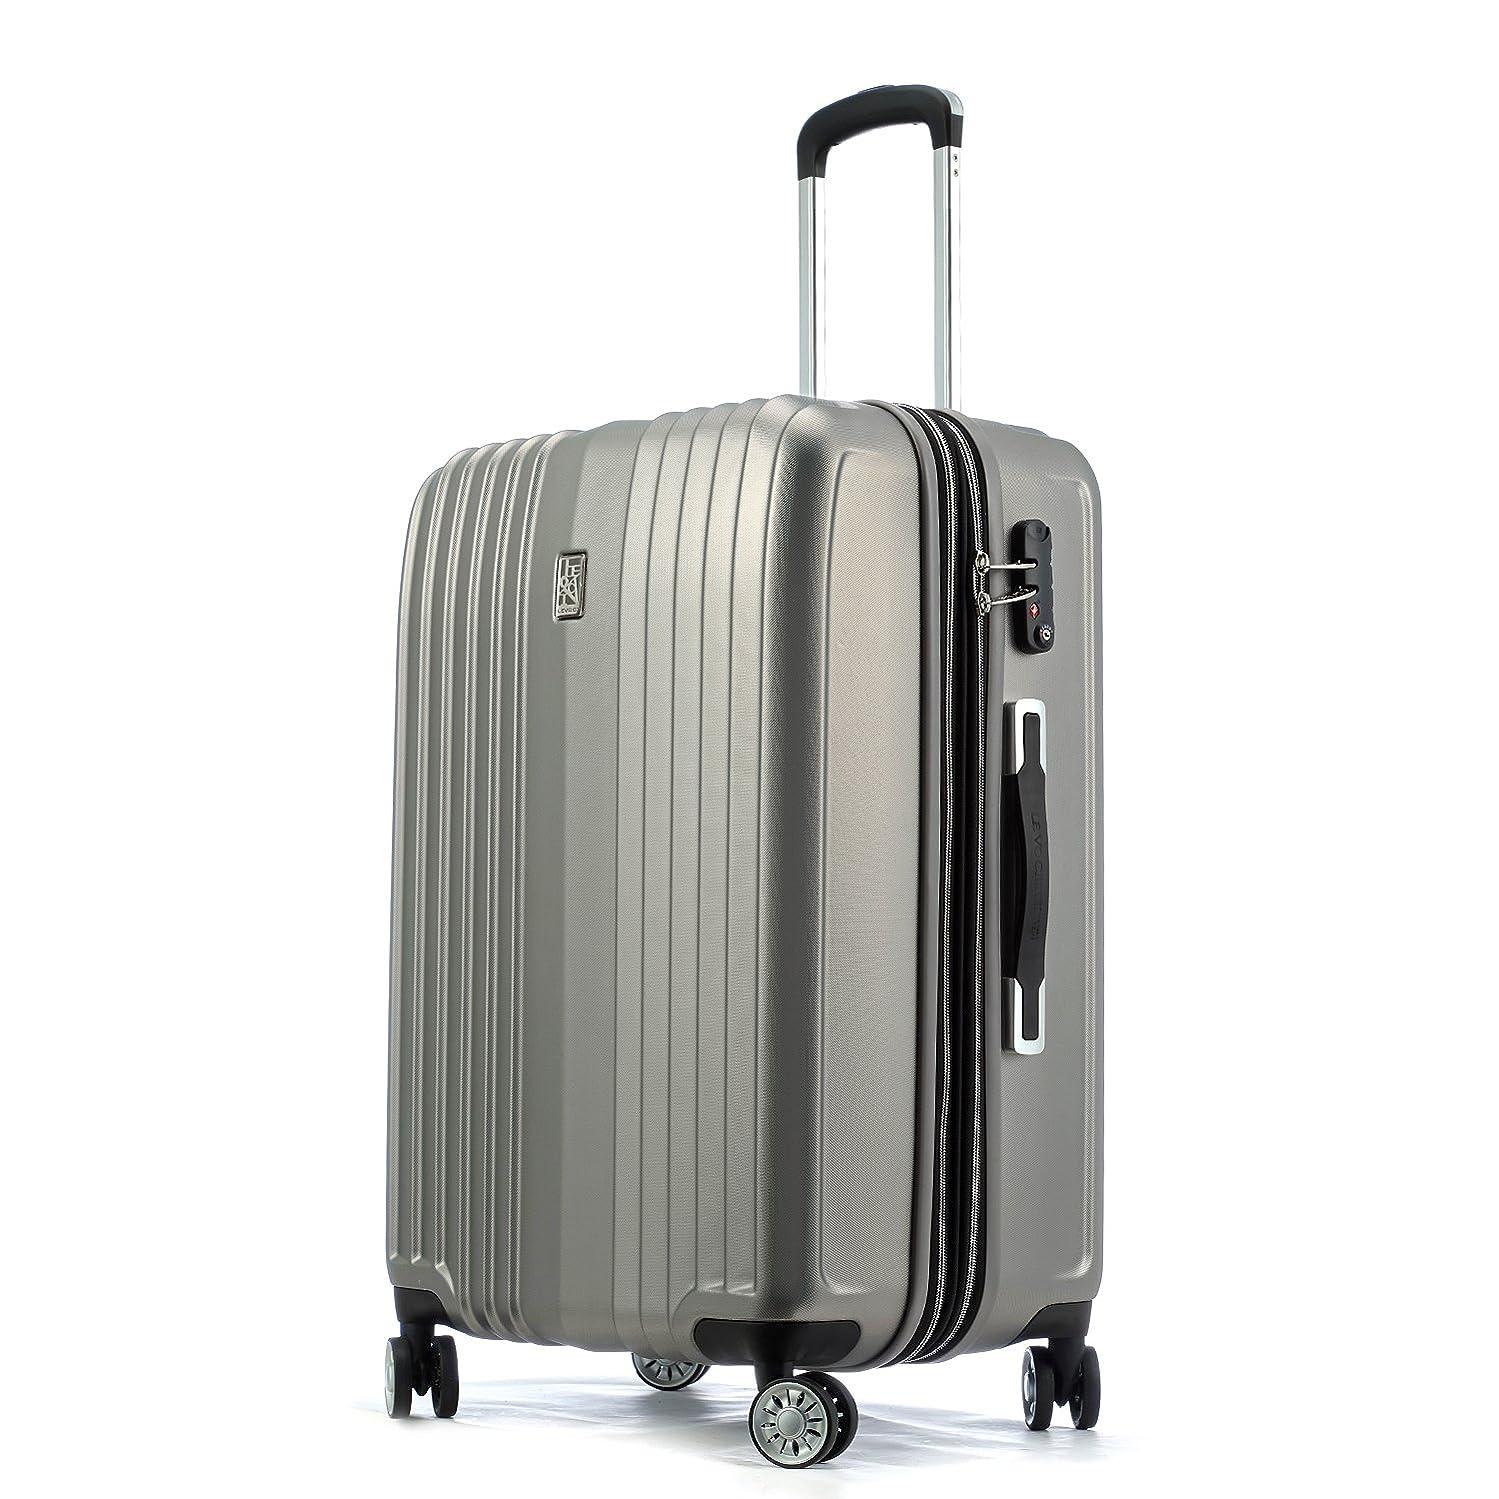 いつもアナウンサー懺悔Totell スーツケース 容量拡張機能付 キャリーケース 超軽量 【1年間修理保証】トランク 旅行 TSAロック搭載 大容量 静音8輪 キャリーバッグ s型 機内持込可